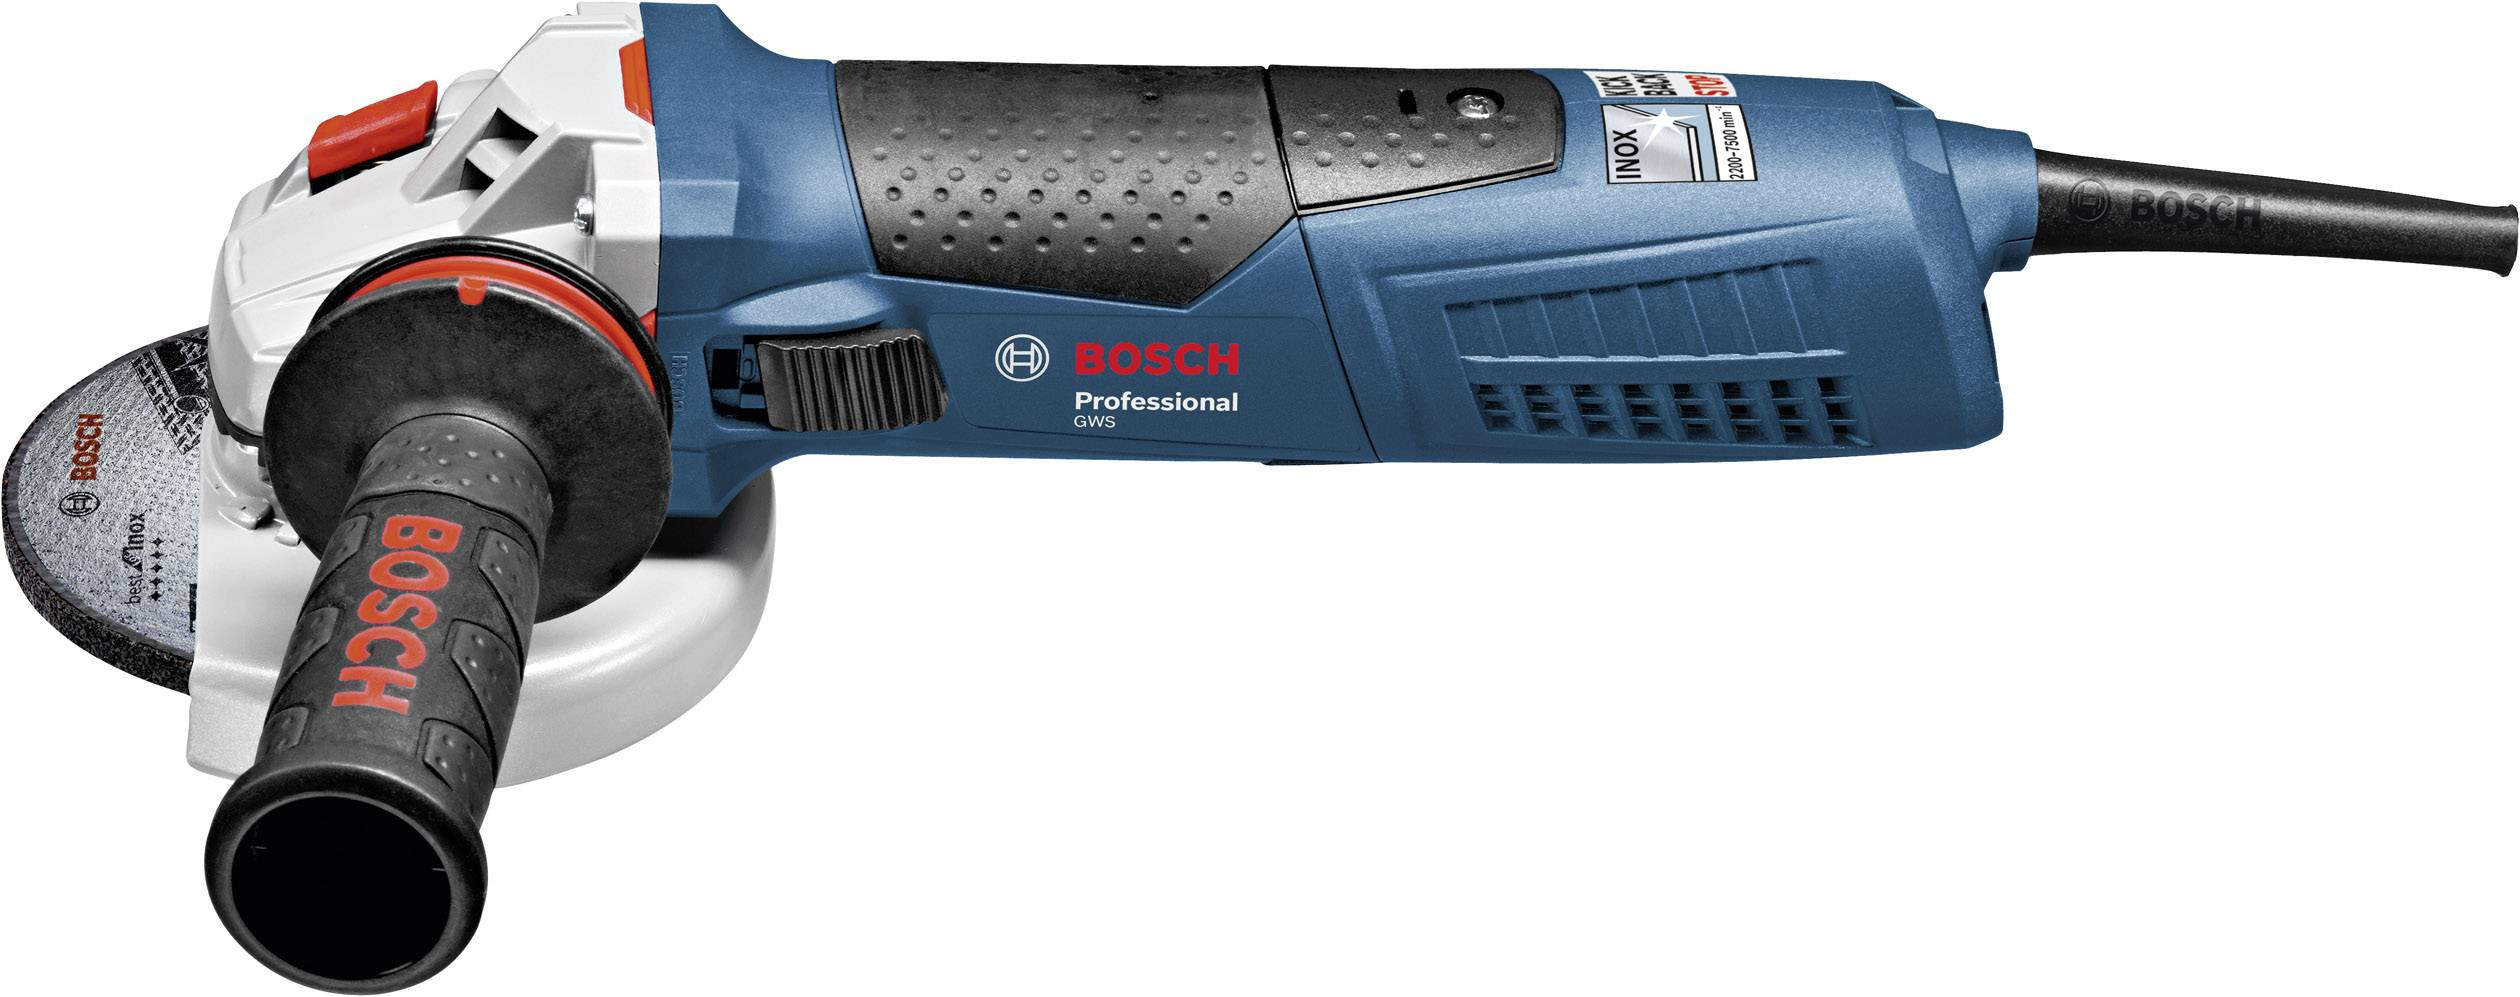 Úhlová bruska Bosch Professional GWS 17-125 Inox 060179M008, 125 mm, 1700 W